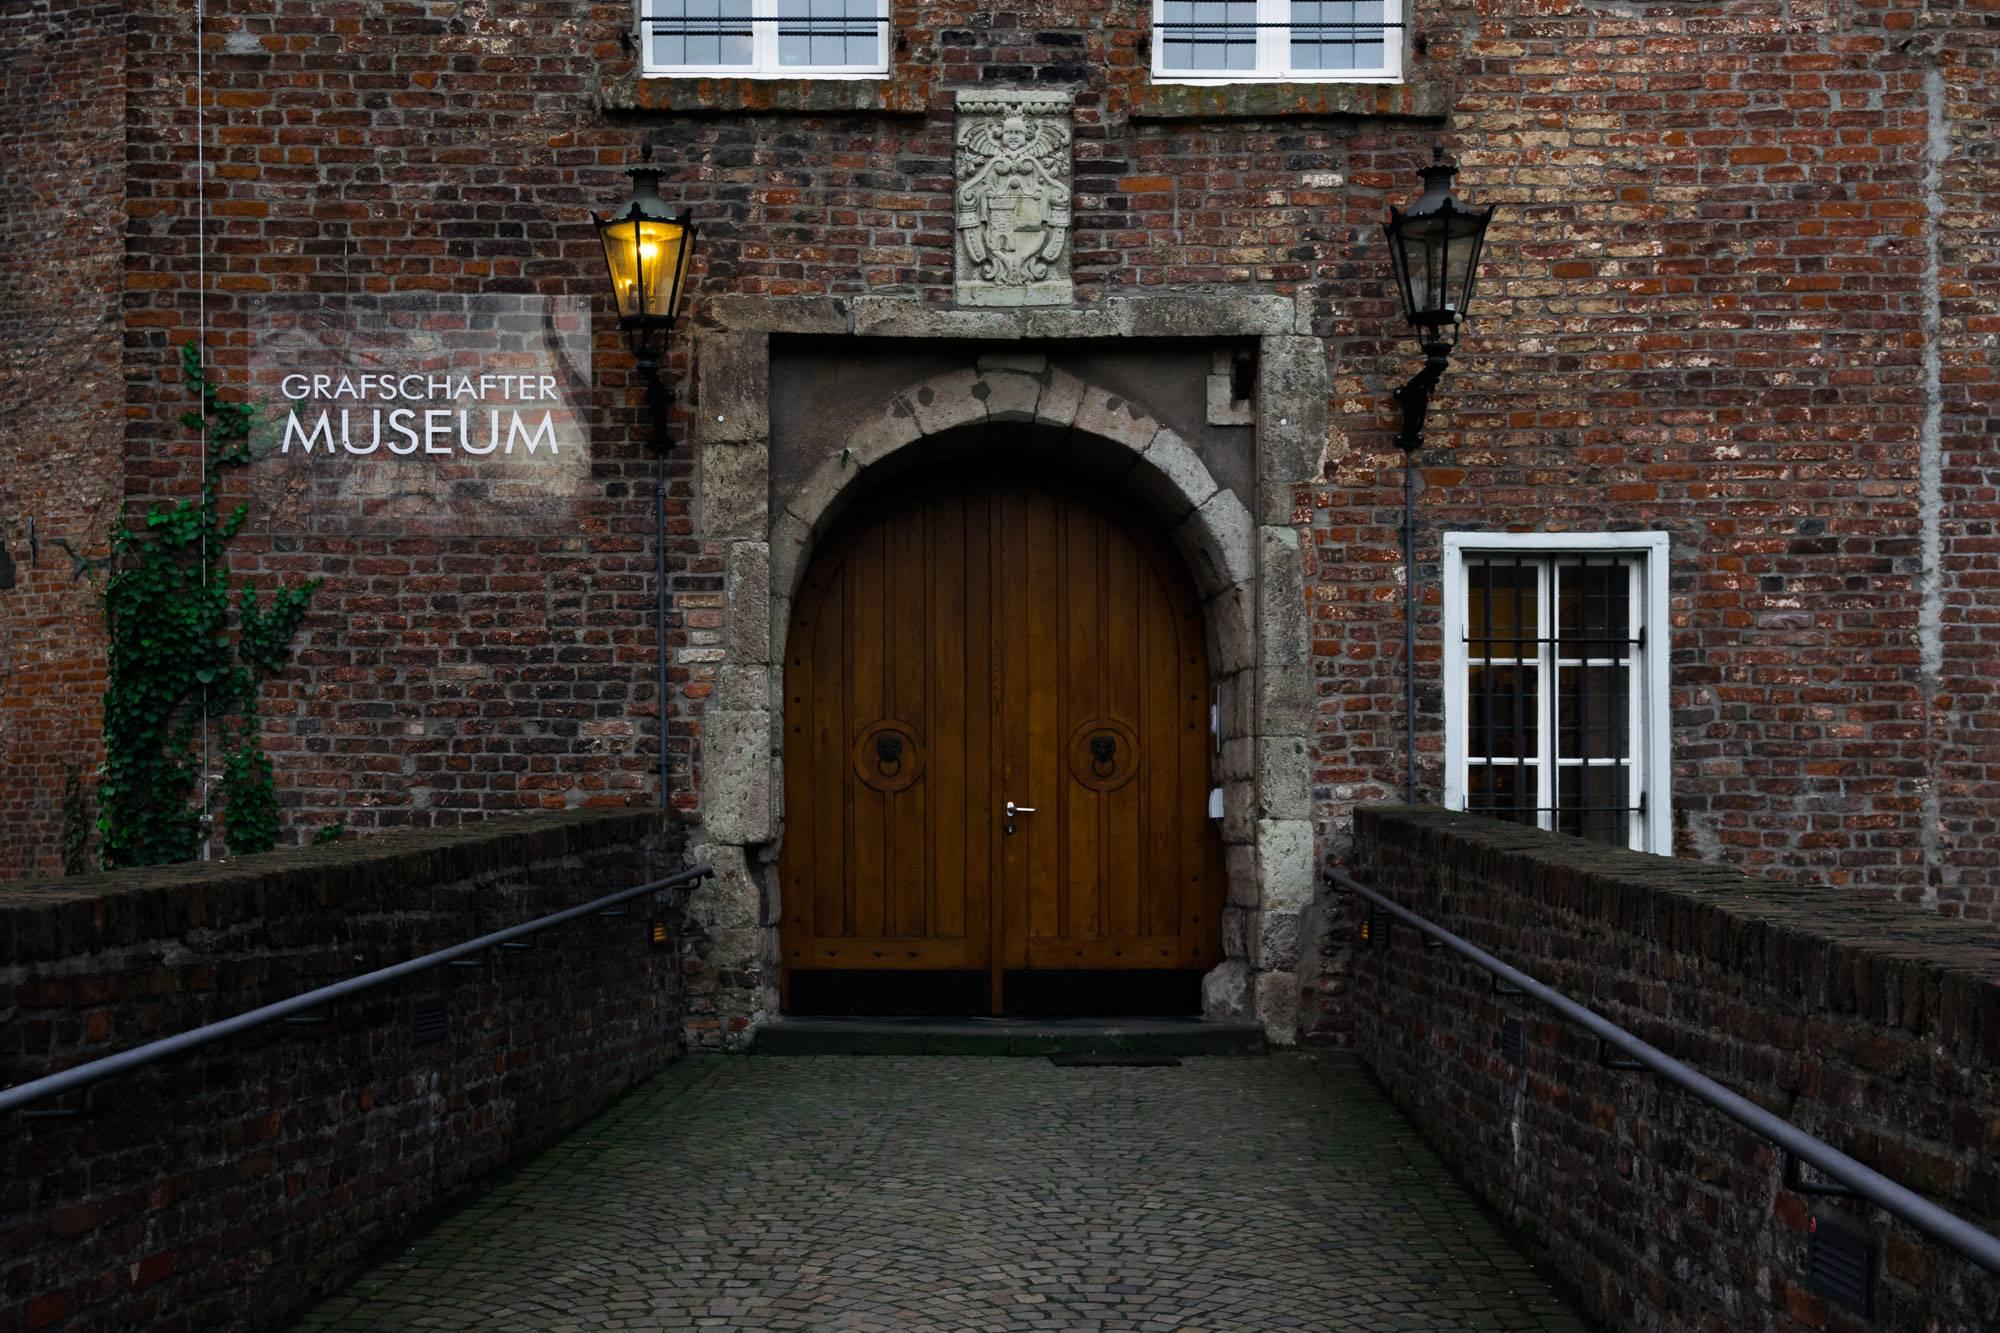 Grafschafter Museum Eingang